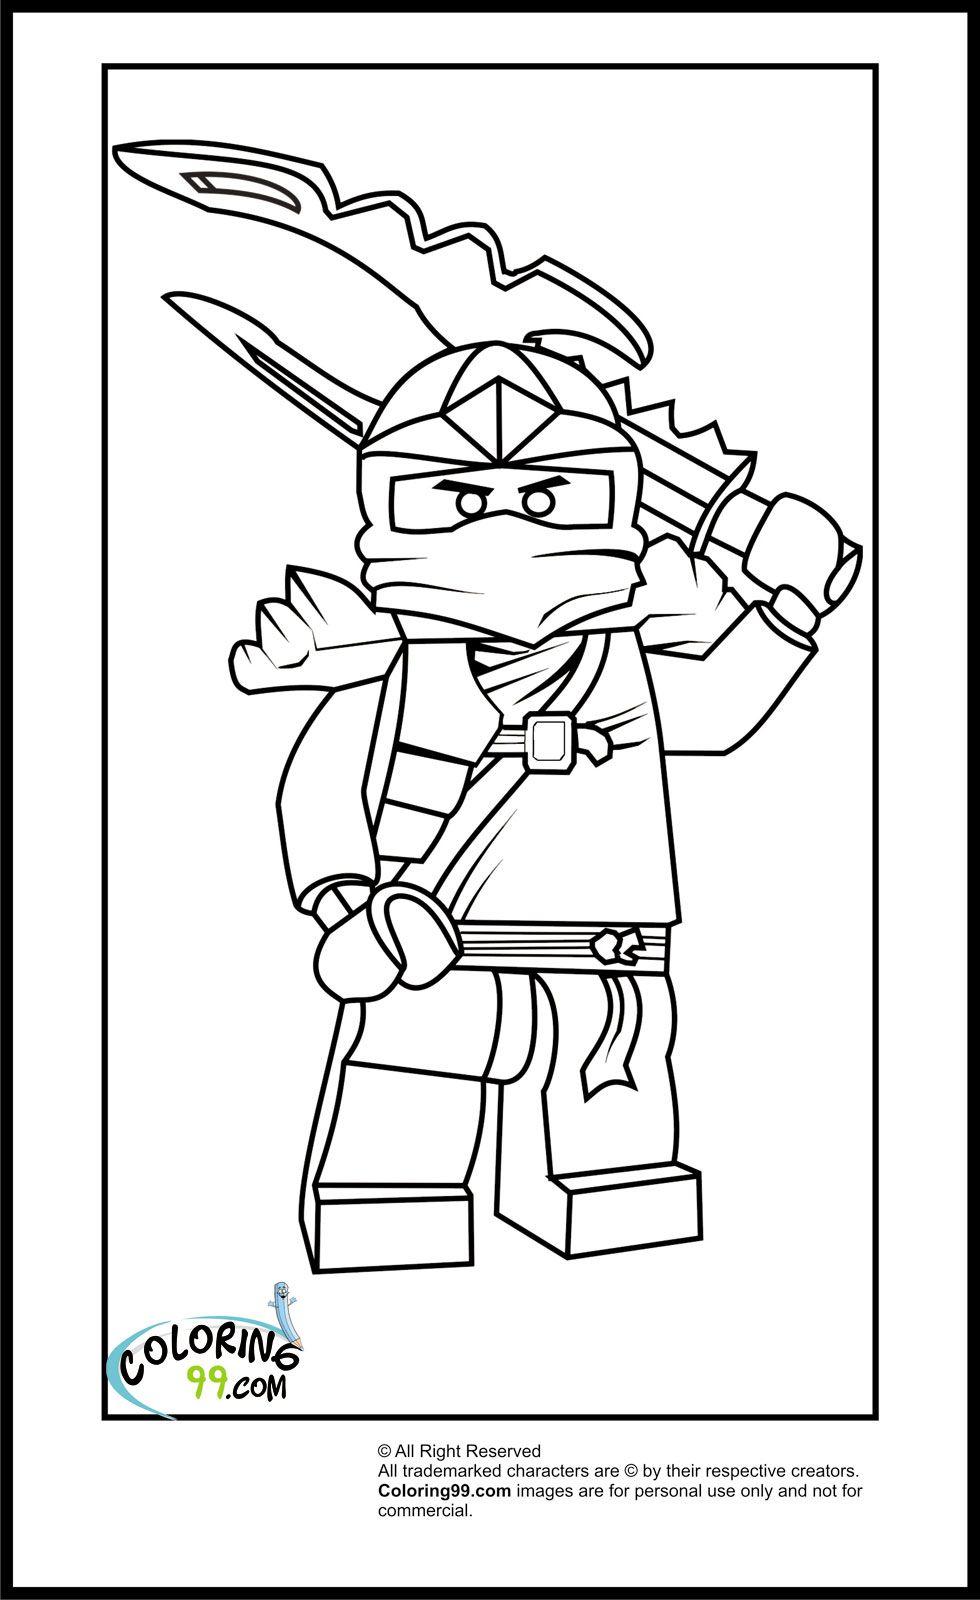 Lego Ninjago Coloring Pages Ninjago Coloring Pages Lego Coloring Pages Lego Coloring